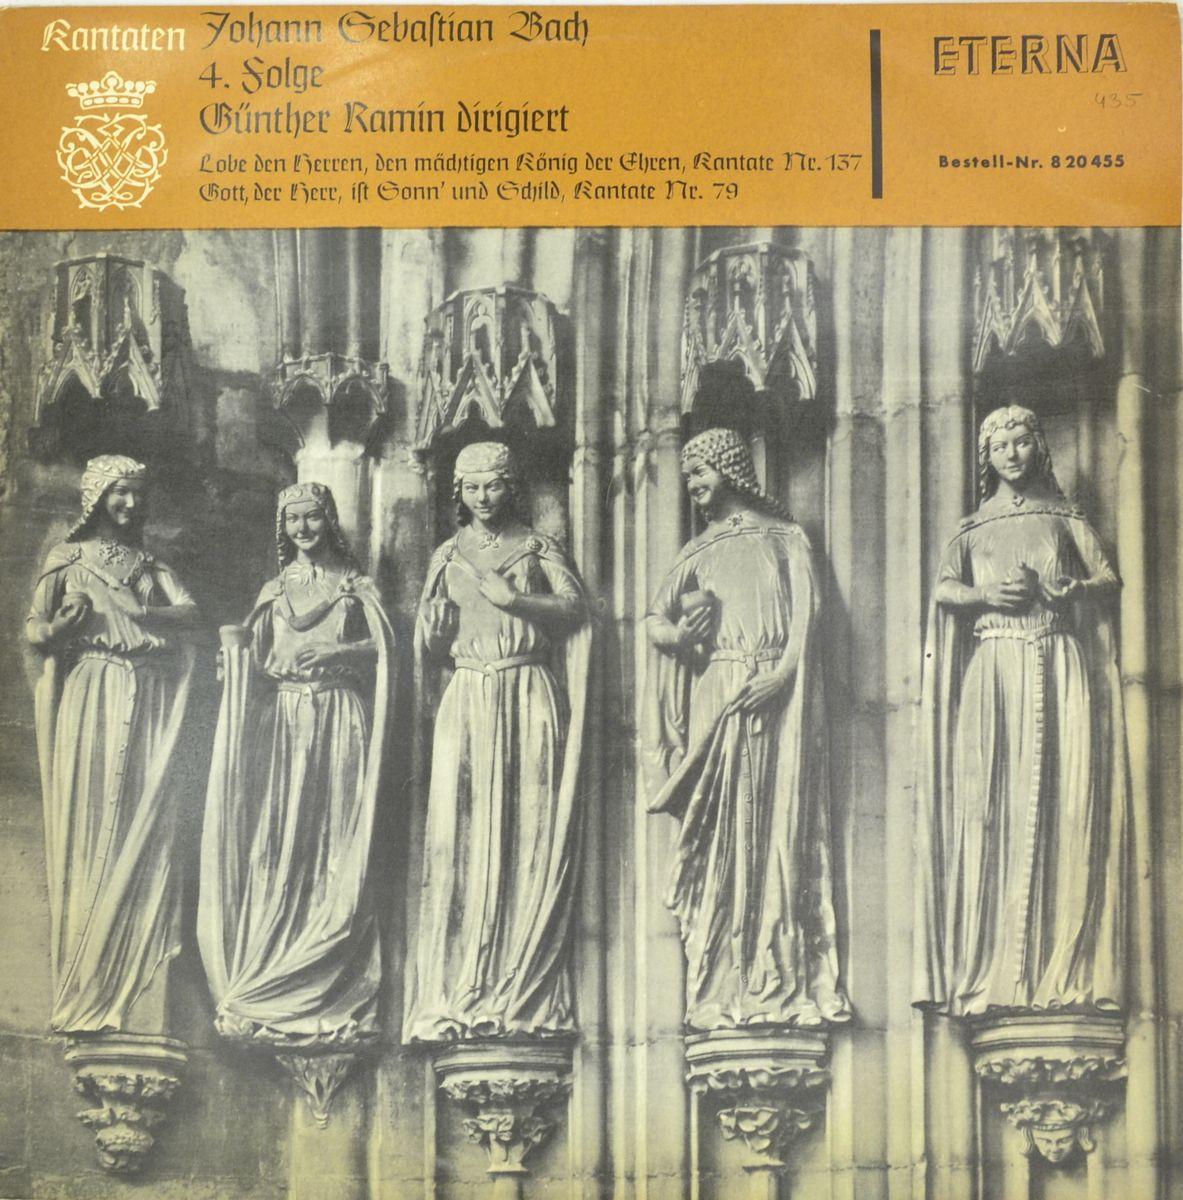 Johann Sebastian Bach – Kantaten 4. Folge (LP) bach bachyo yo ma chris thile edgar meyer trios 2 lp